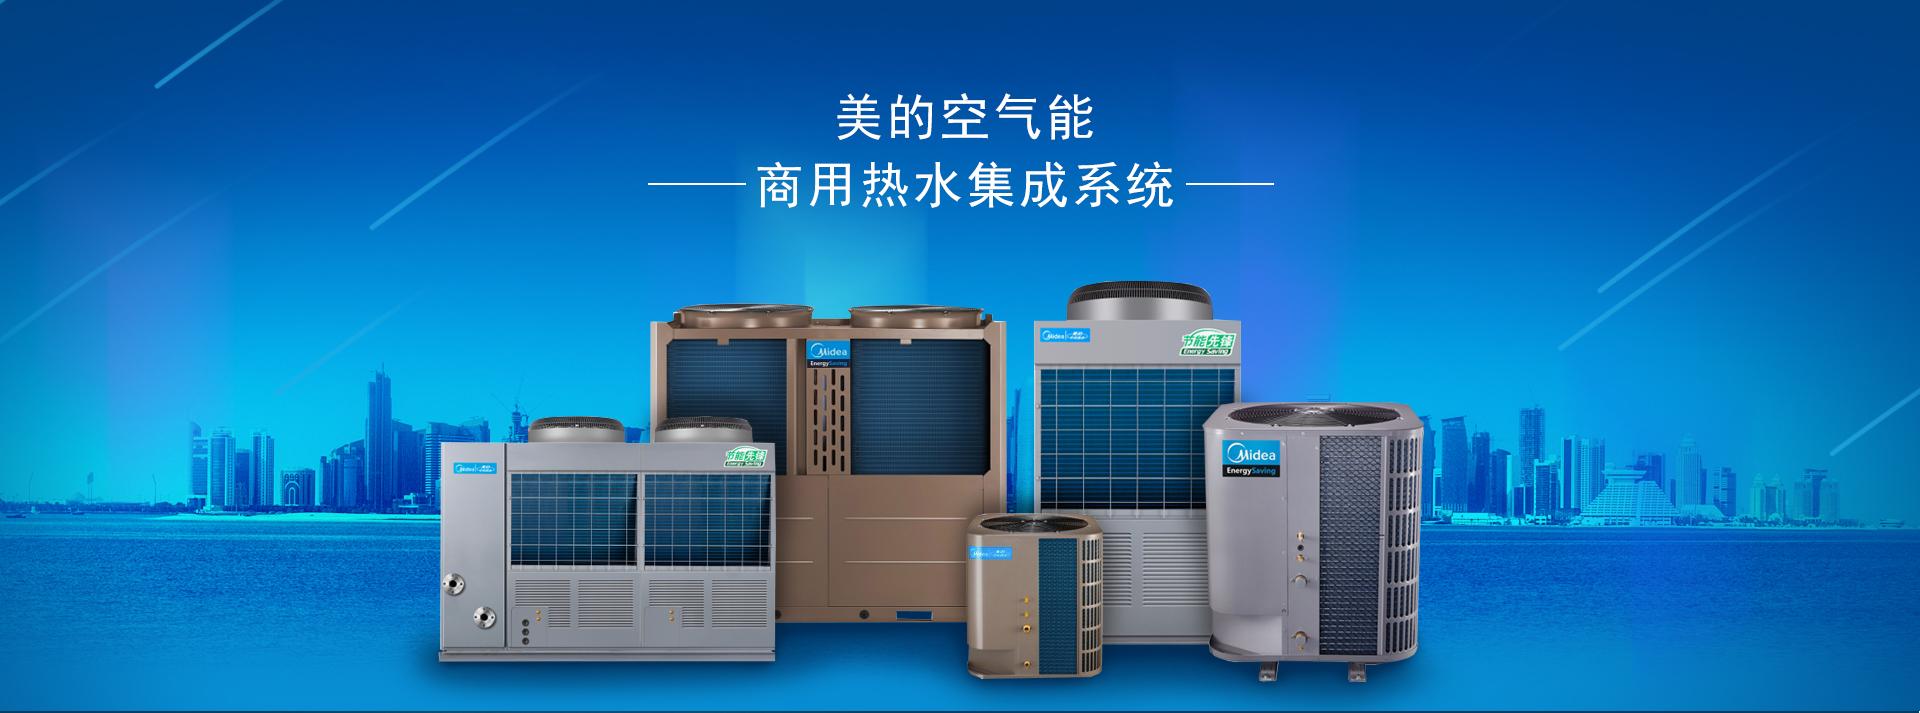 美的商用空气能热水器-重庆美的商用中央空调